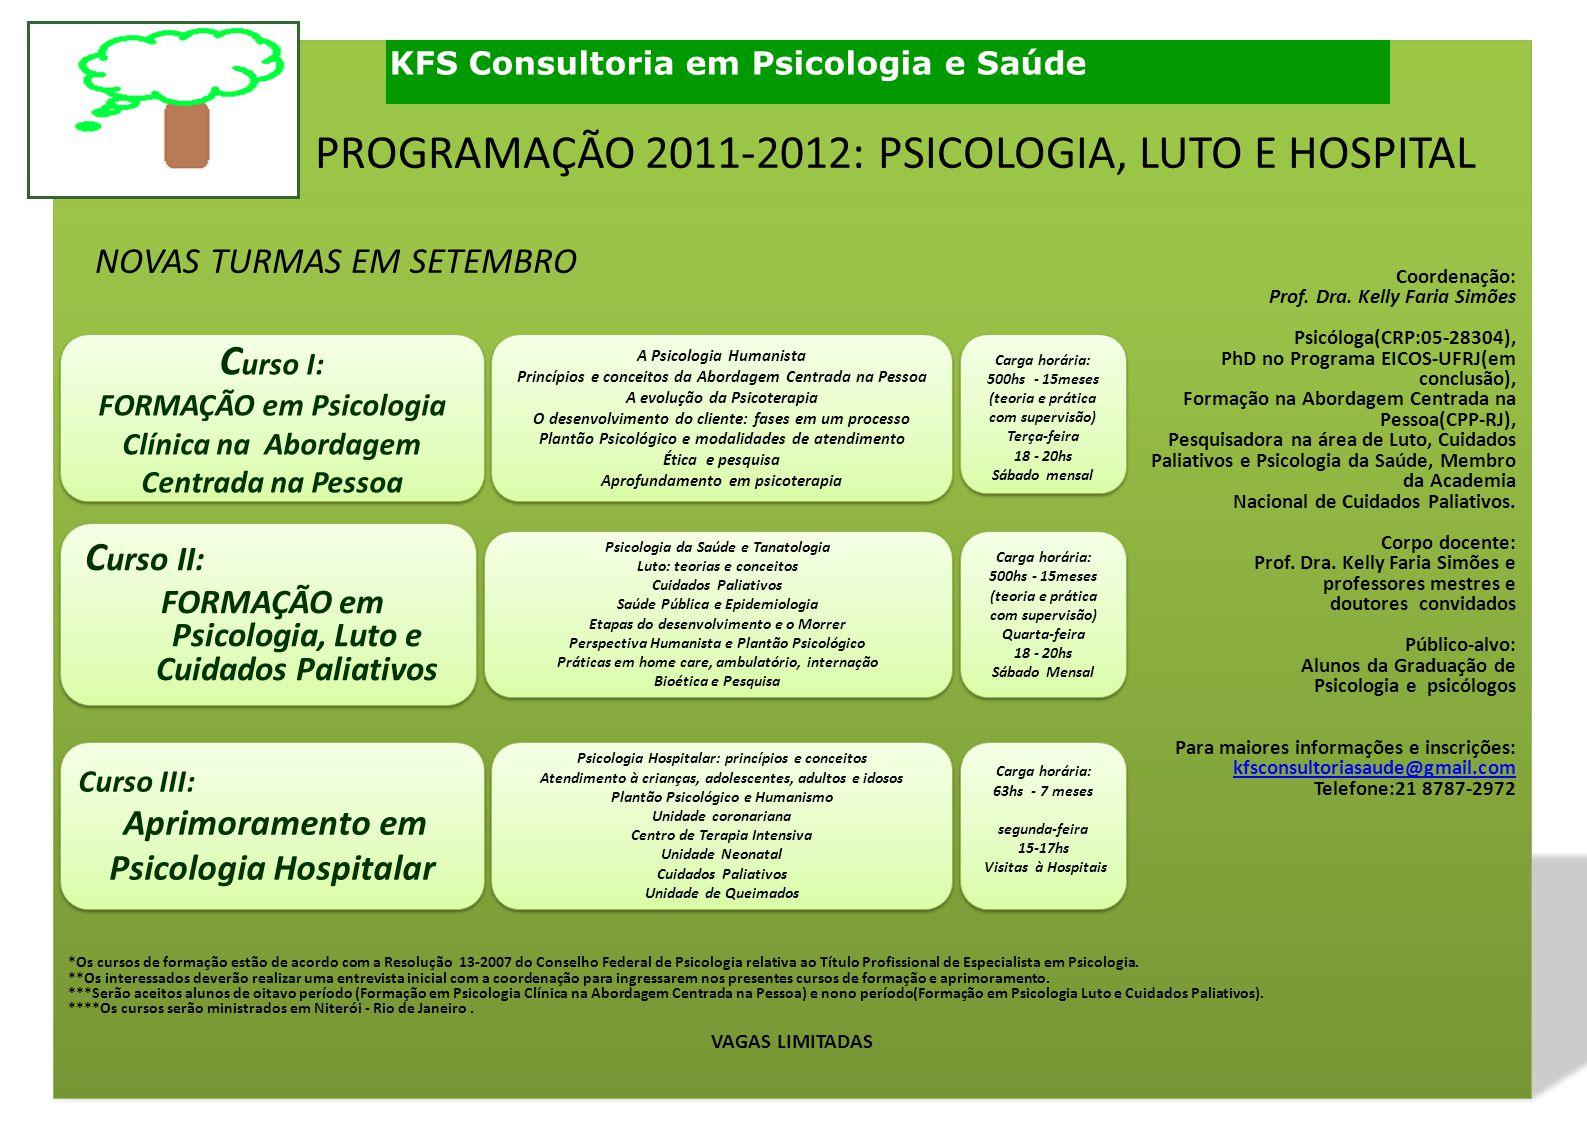 Coordenação: Prof. Dra. Kelly Faria Simões. Psicóloga(CRP:05-28304), PhD no Programa EICOS-UFRJ(em.